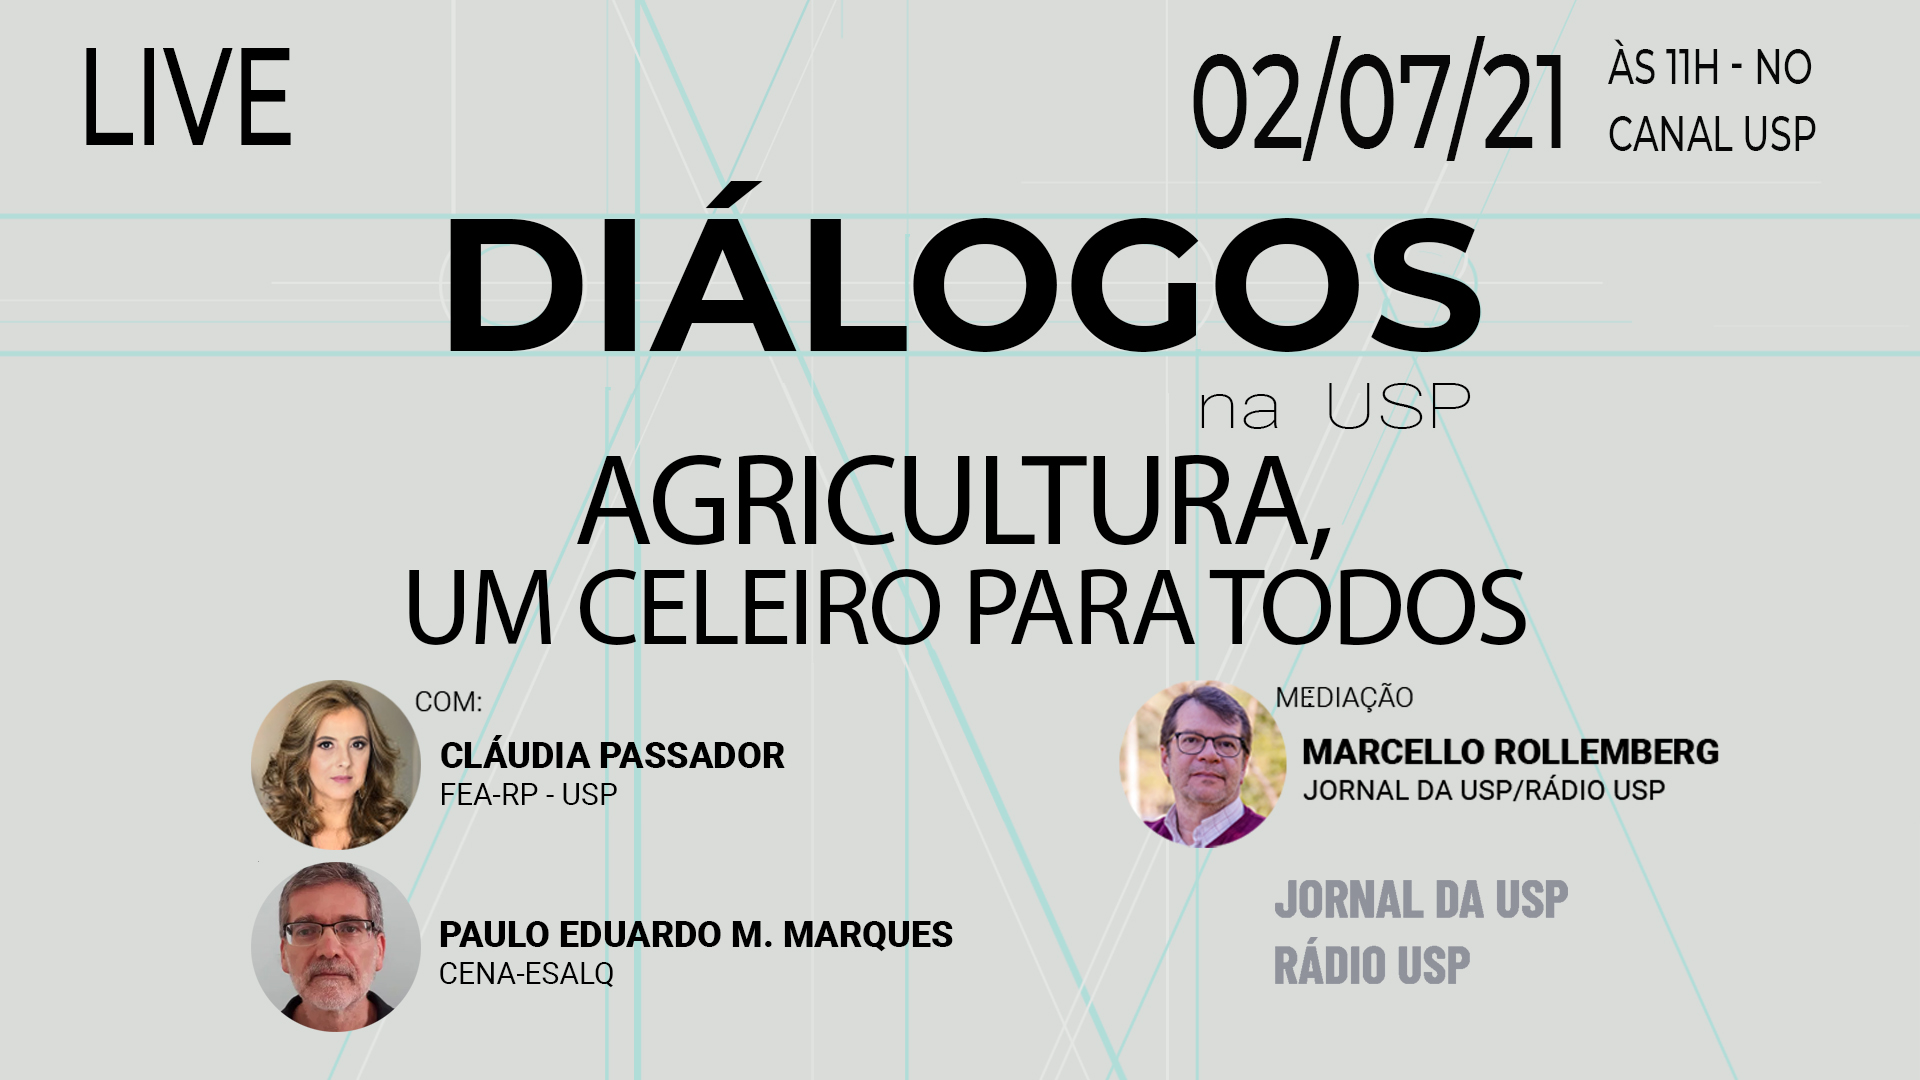 cartaz_Youtube_DIALOGOS_agricultura